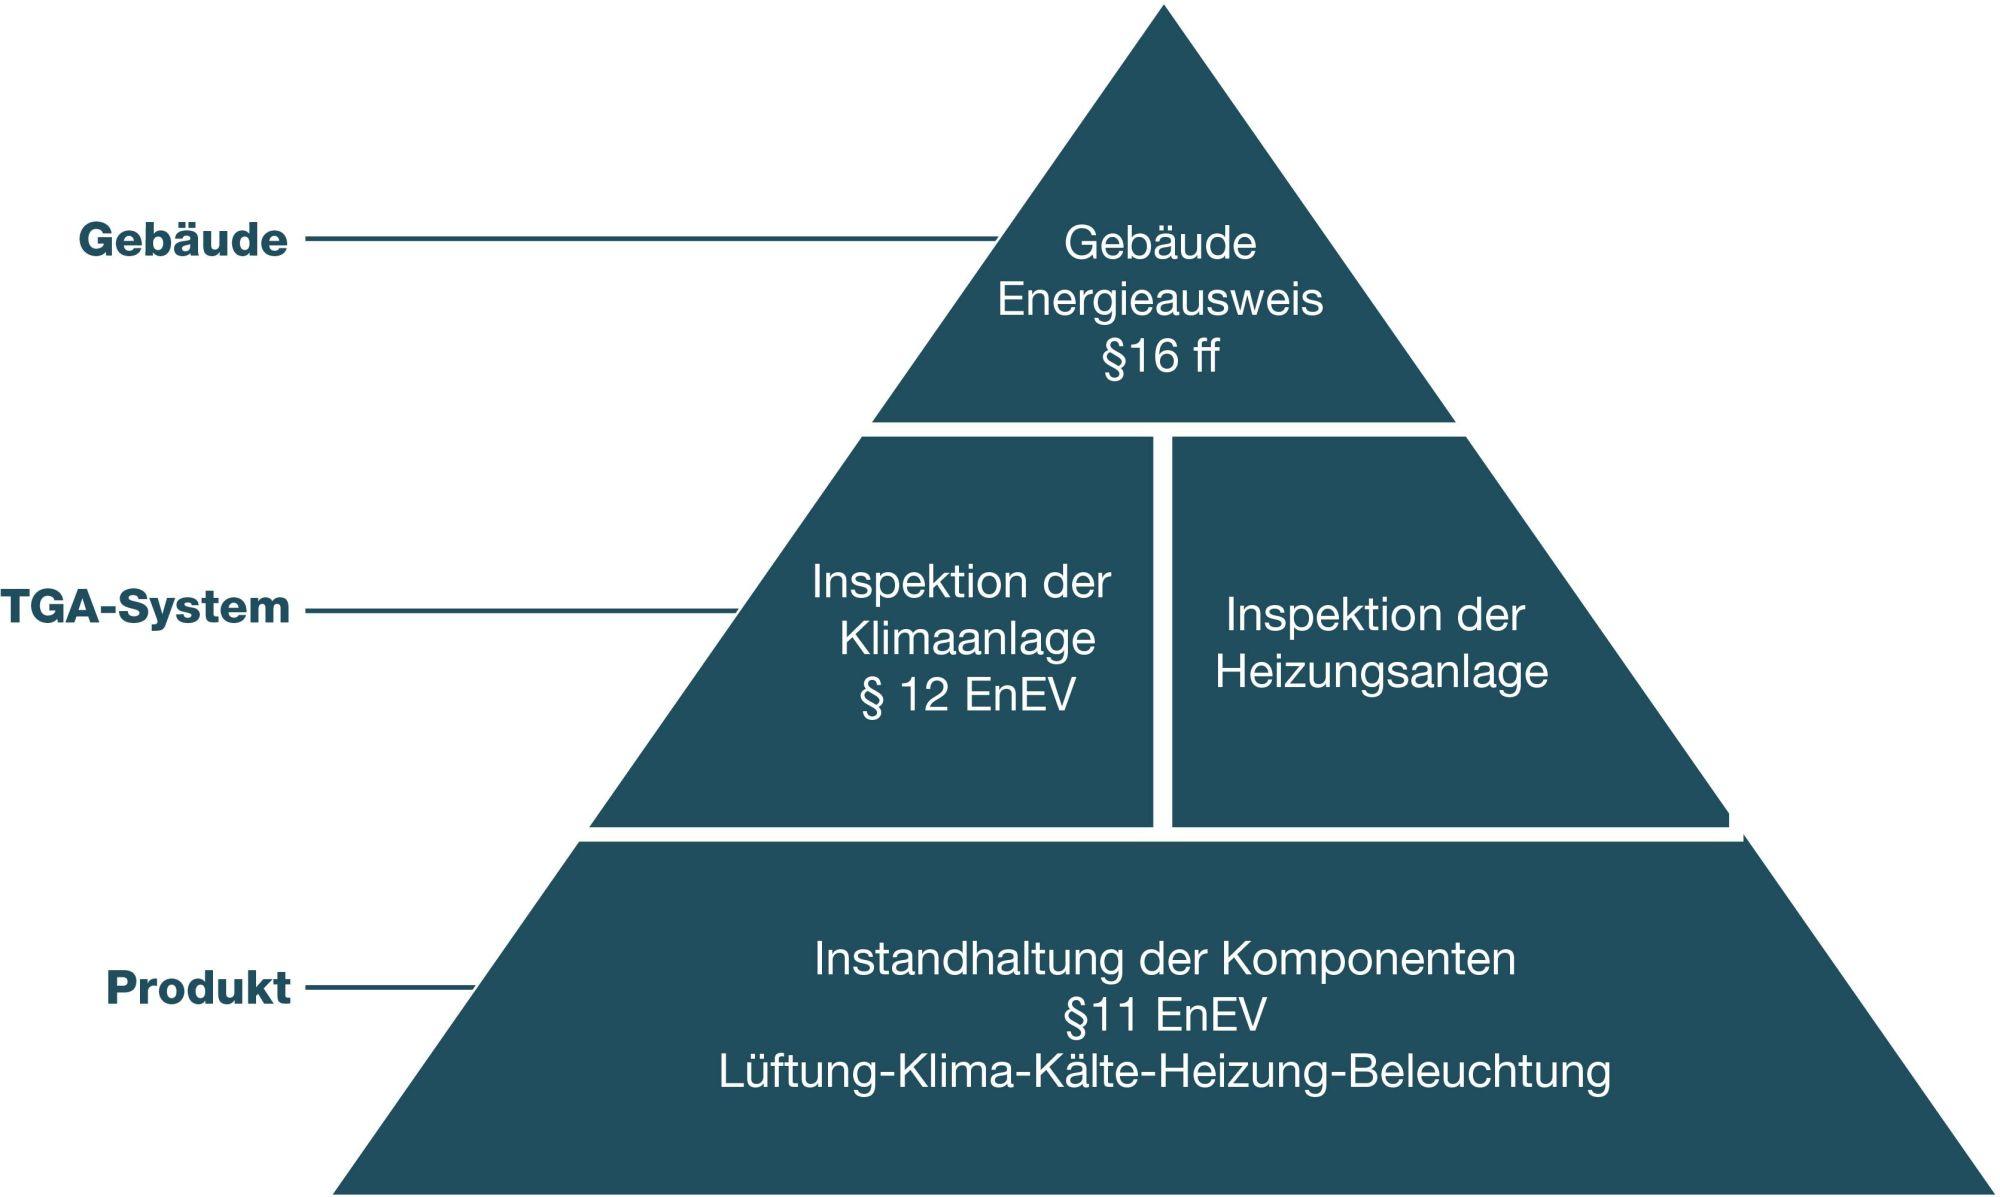 pyramide-energieeffizienter-gebäudebetrieb.png